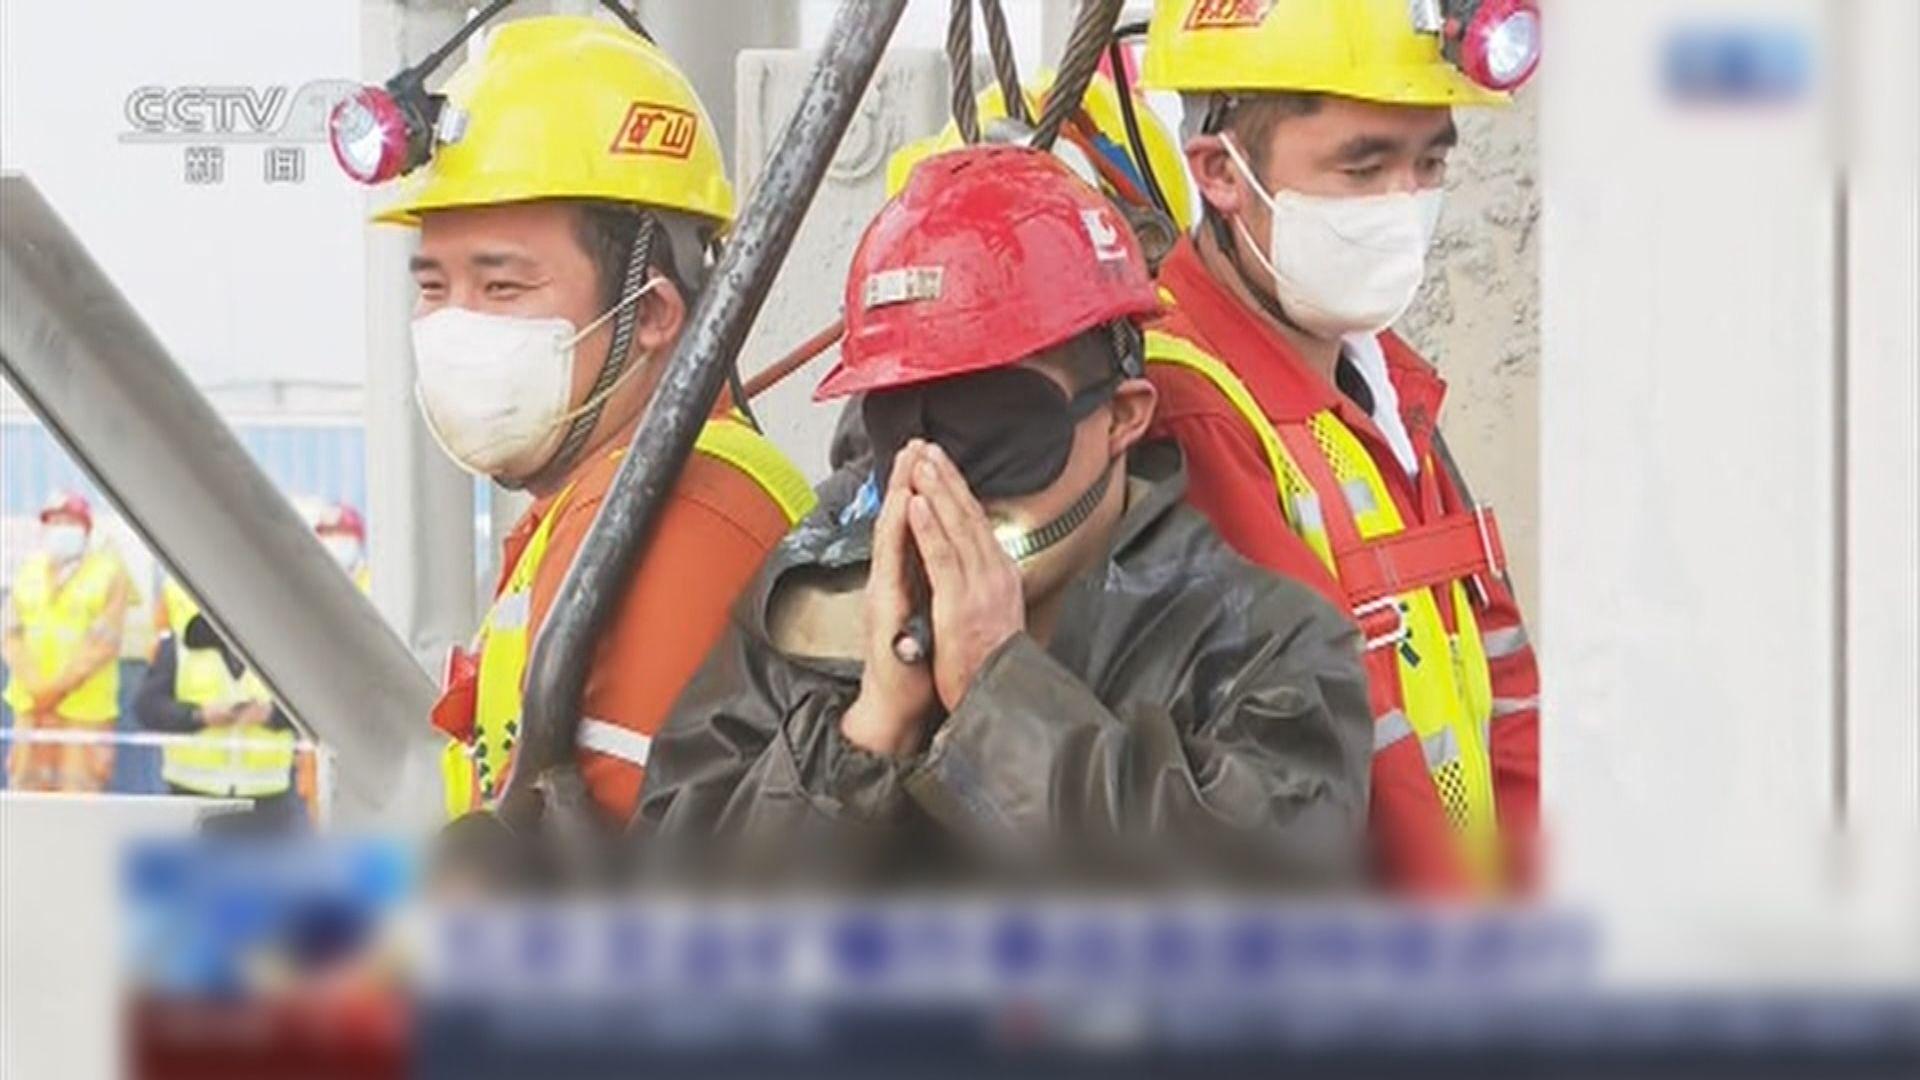 山東11名礦工被困兩周獲救 另有10人下落不明1人死亡